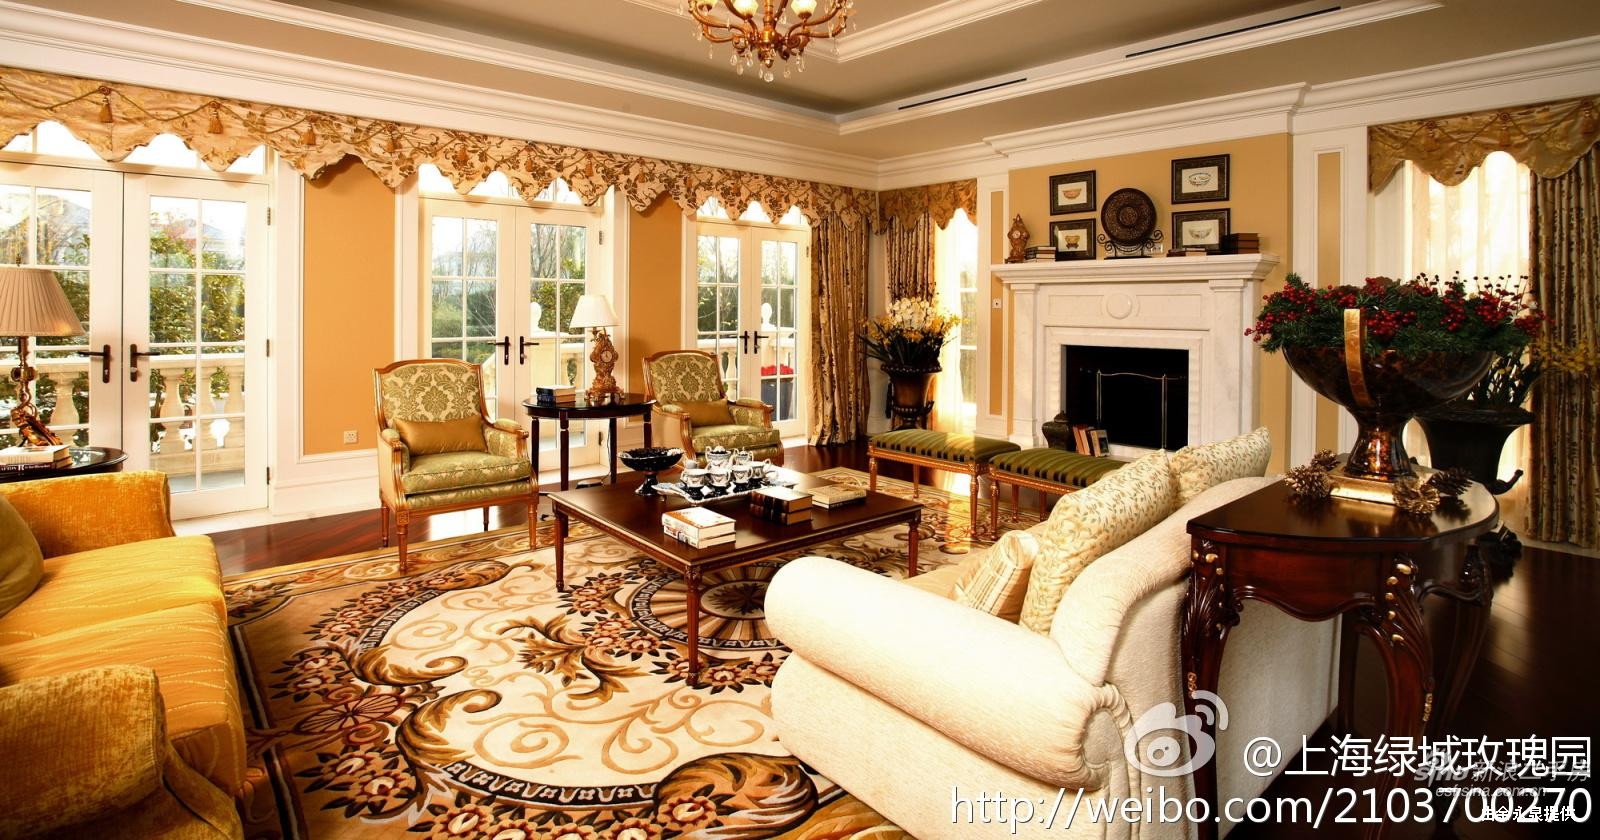 上海 绿城玫瑰园样板间 客厅 高清图片